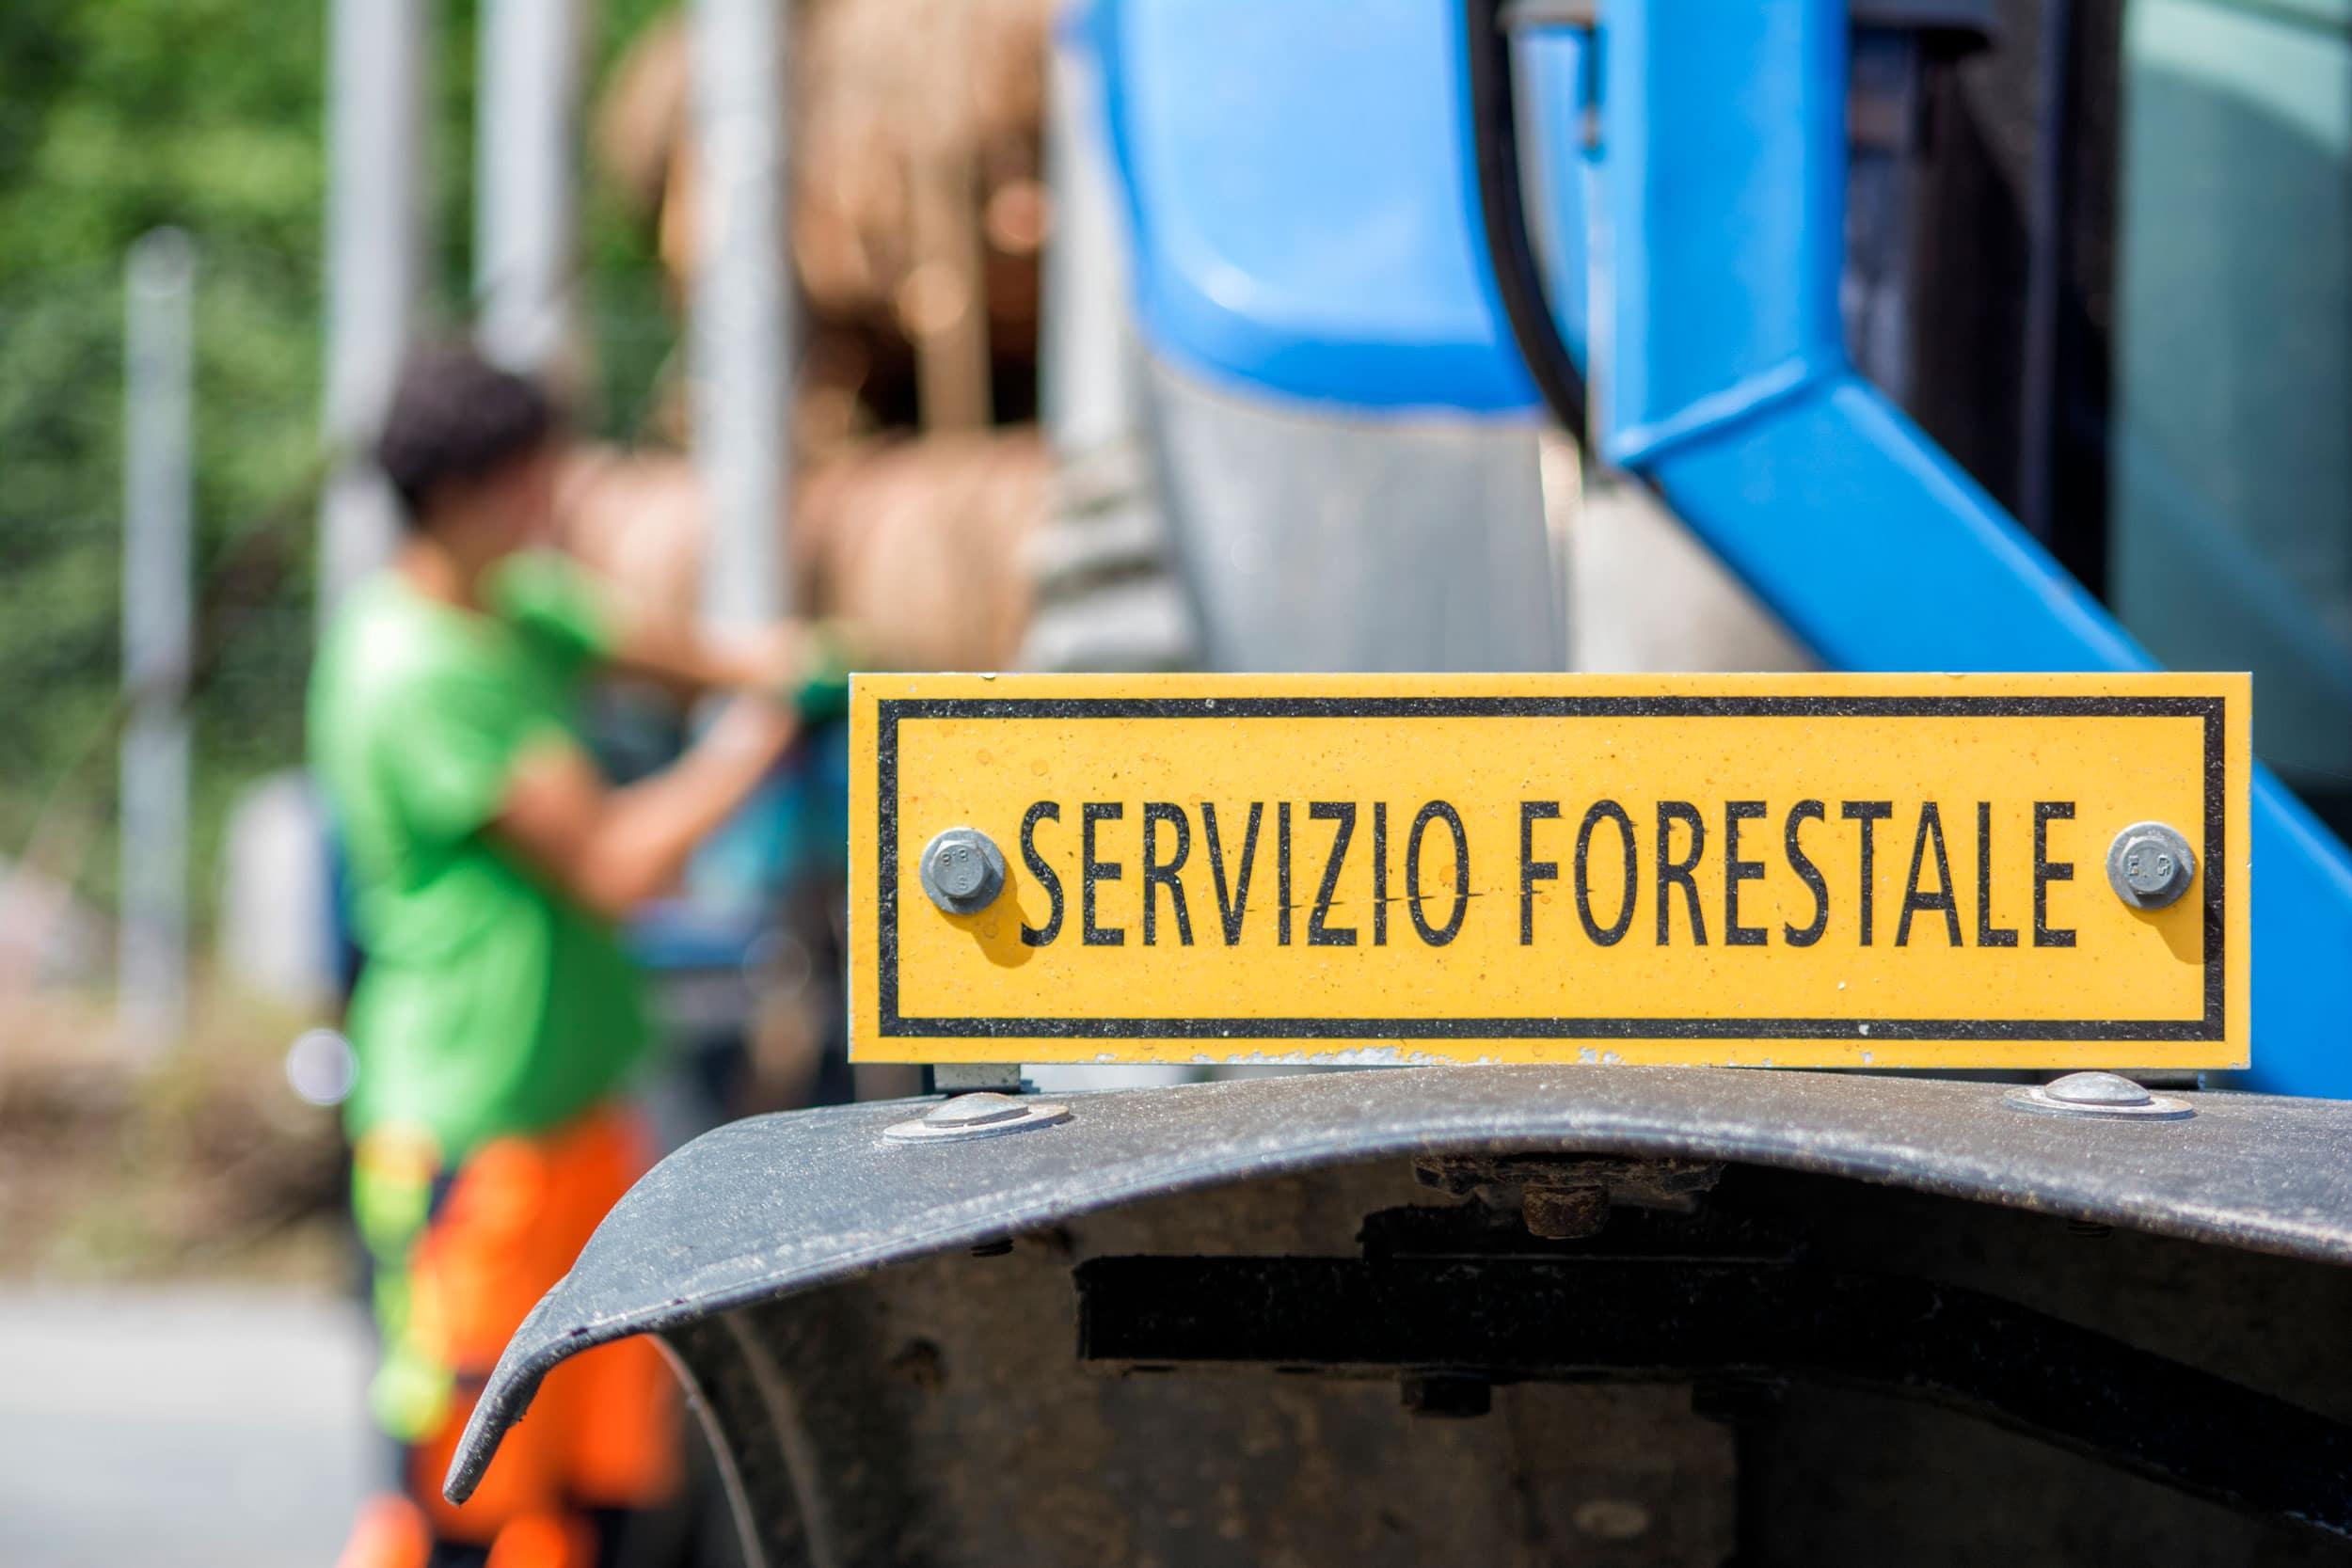 servizio-forestale